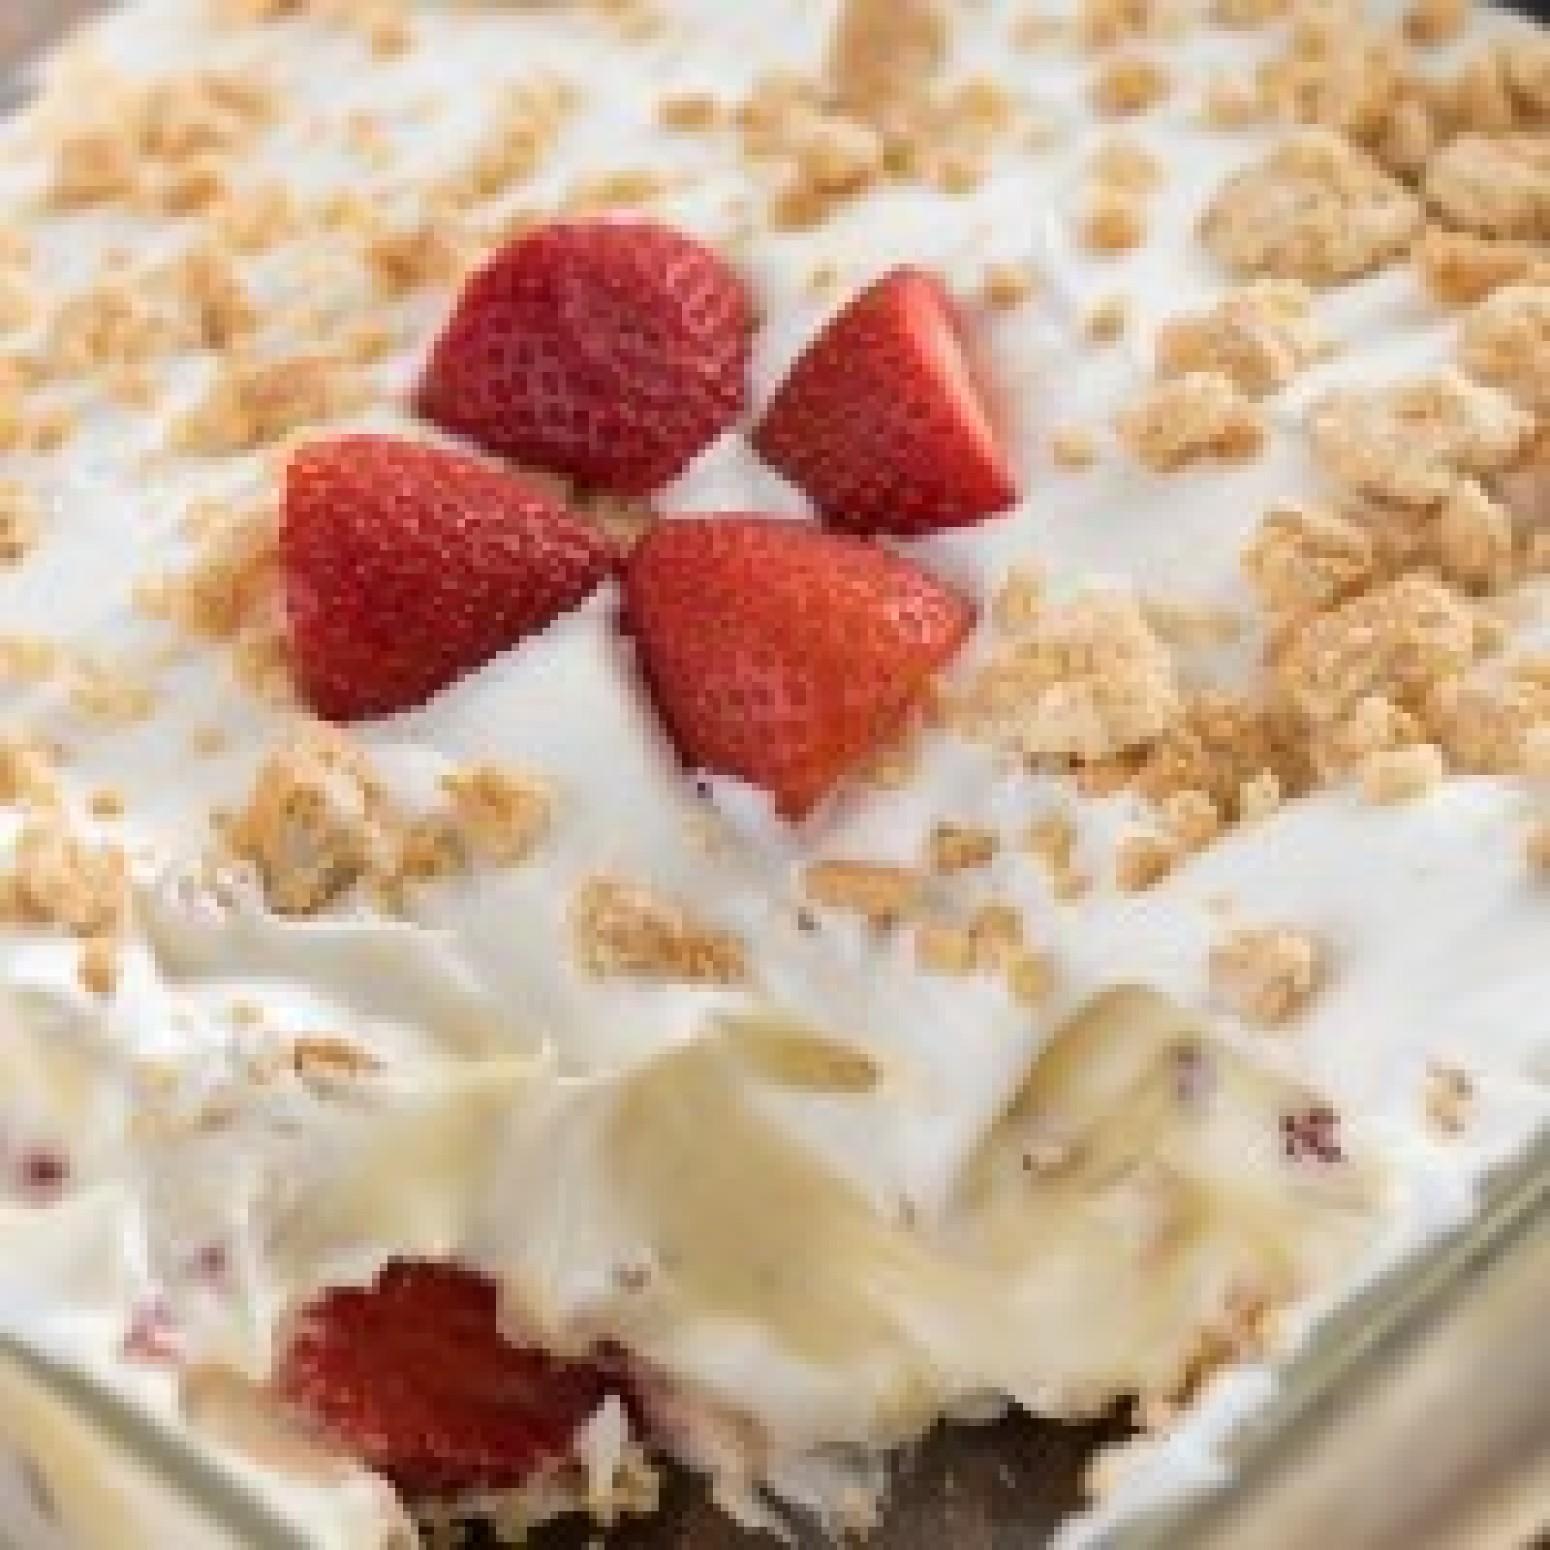 No Bake Strawberry Dessert Recipe: No Bake Strawberry Shortcake Dessert Recipe